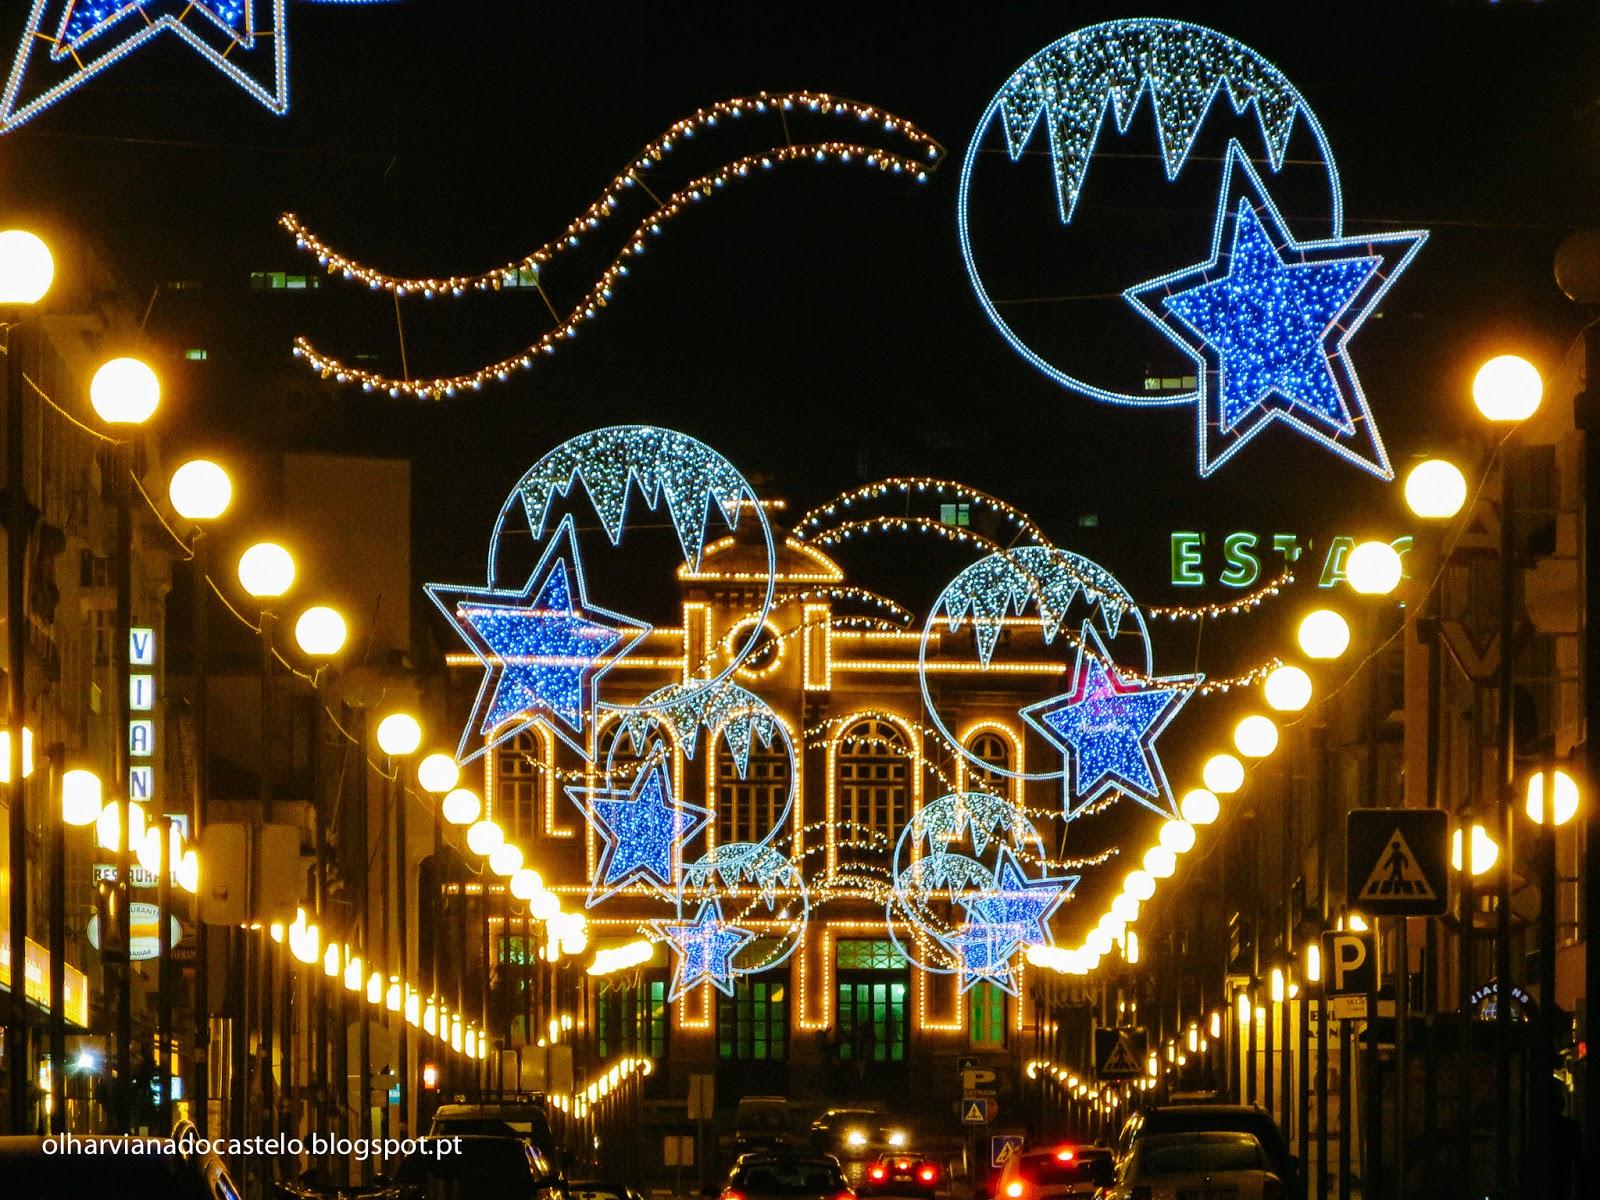 Iluminação de Natal de Viana do Castelo começa a brilhar esta quinta-feira às 18:00